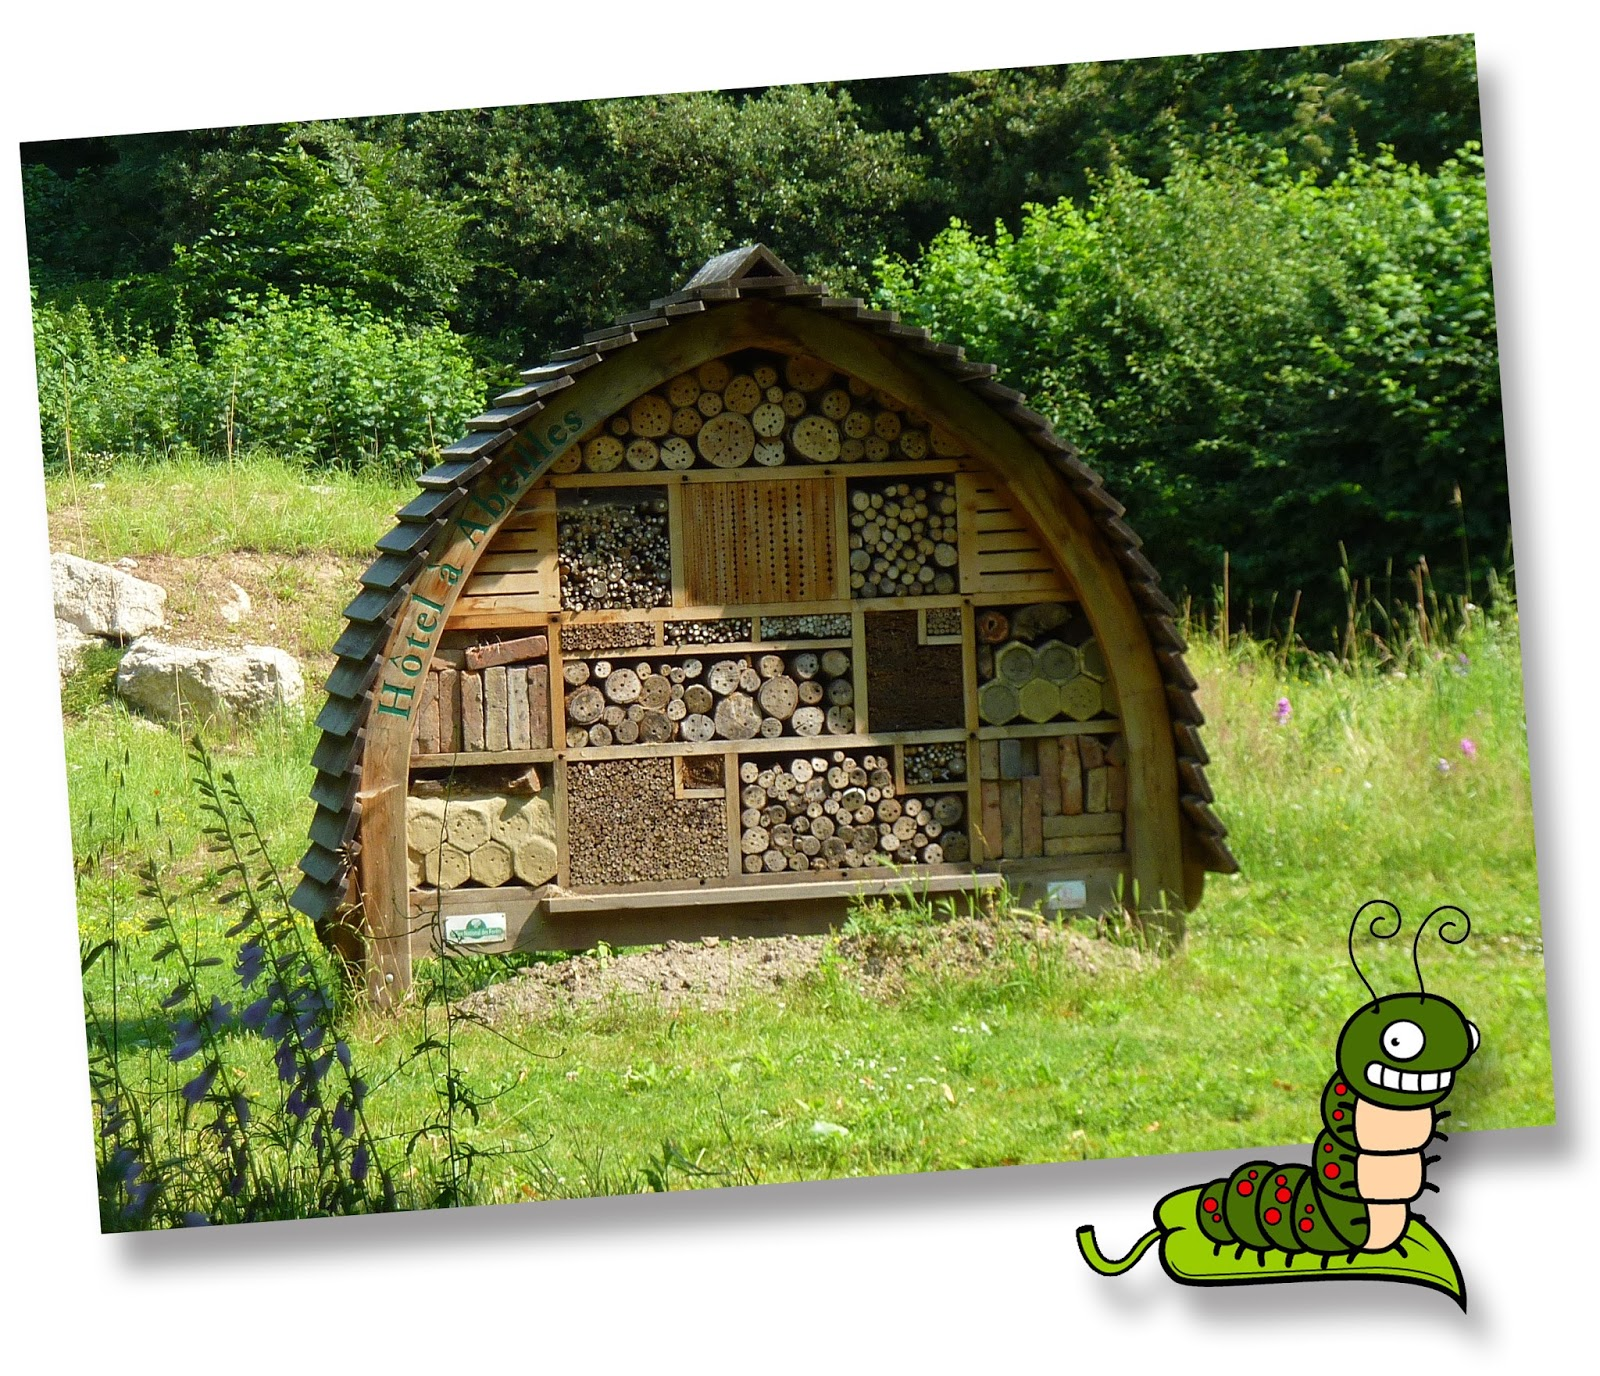 Entre pinos y sembrados hoteles para insectos for Insectos del jardin